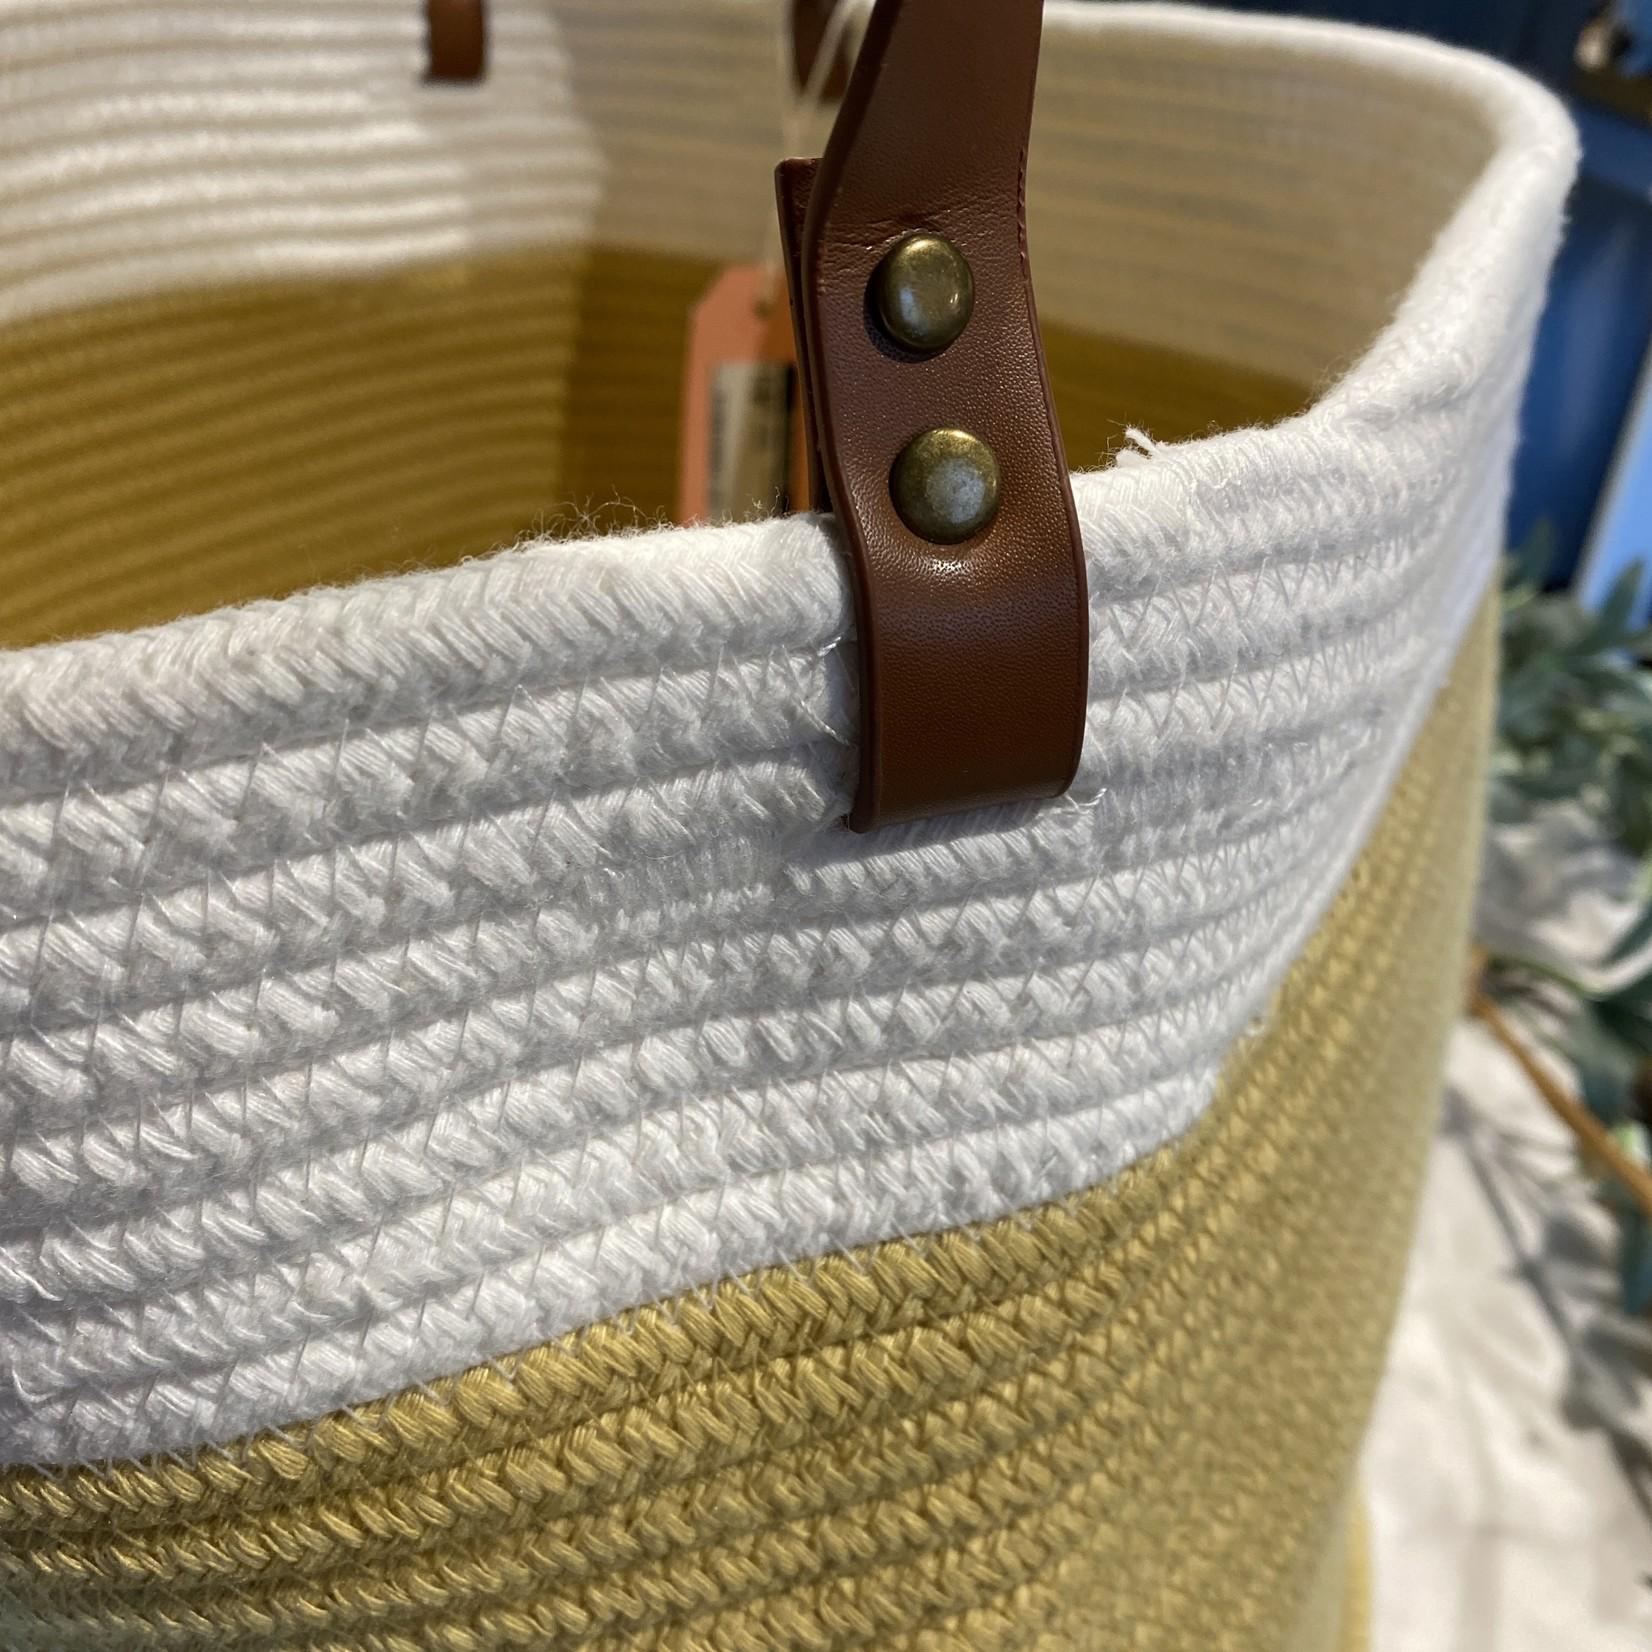 Small - Tan/White Woven Basket